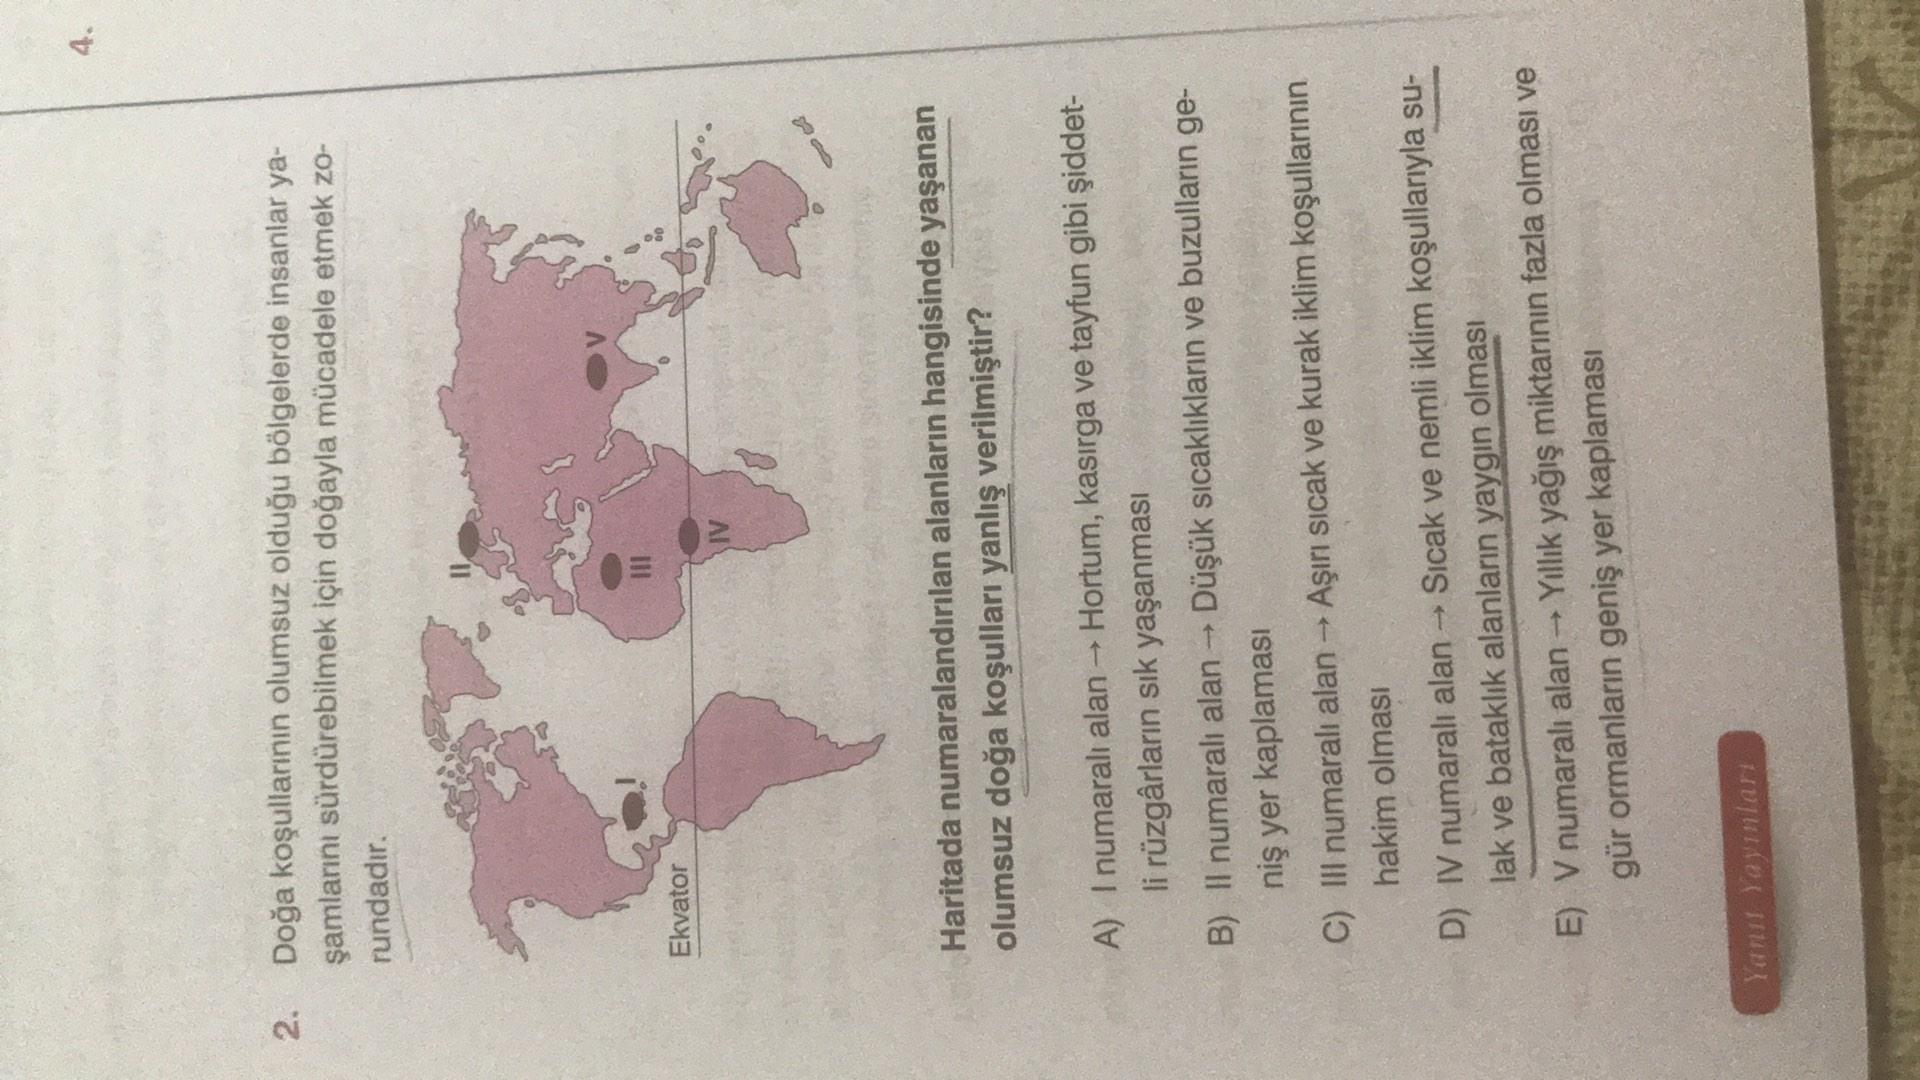 4. 2. Doğa koşullarının olumsuz olduğu bölgelerde insanlar ya- şamlarını sürdürebilmek için doğayla mücadele etmek zo- rundadır. Ekvator IV Haritada numaralandırılan alanların hangisinde yaşanan olumsuz doğa koşulları yanlış verilmiştir? A) I numaralı alan